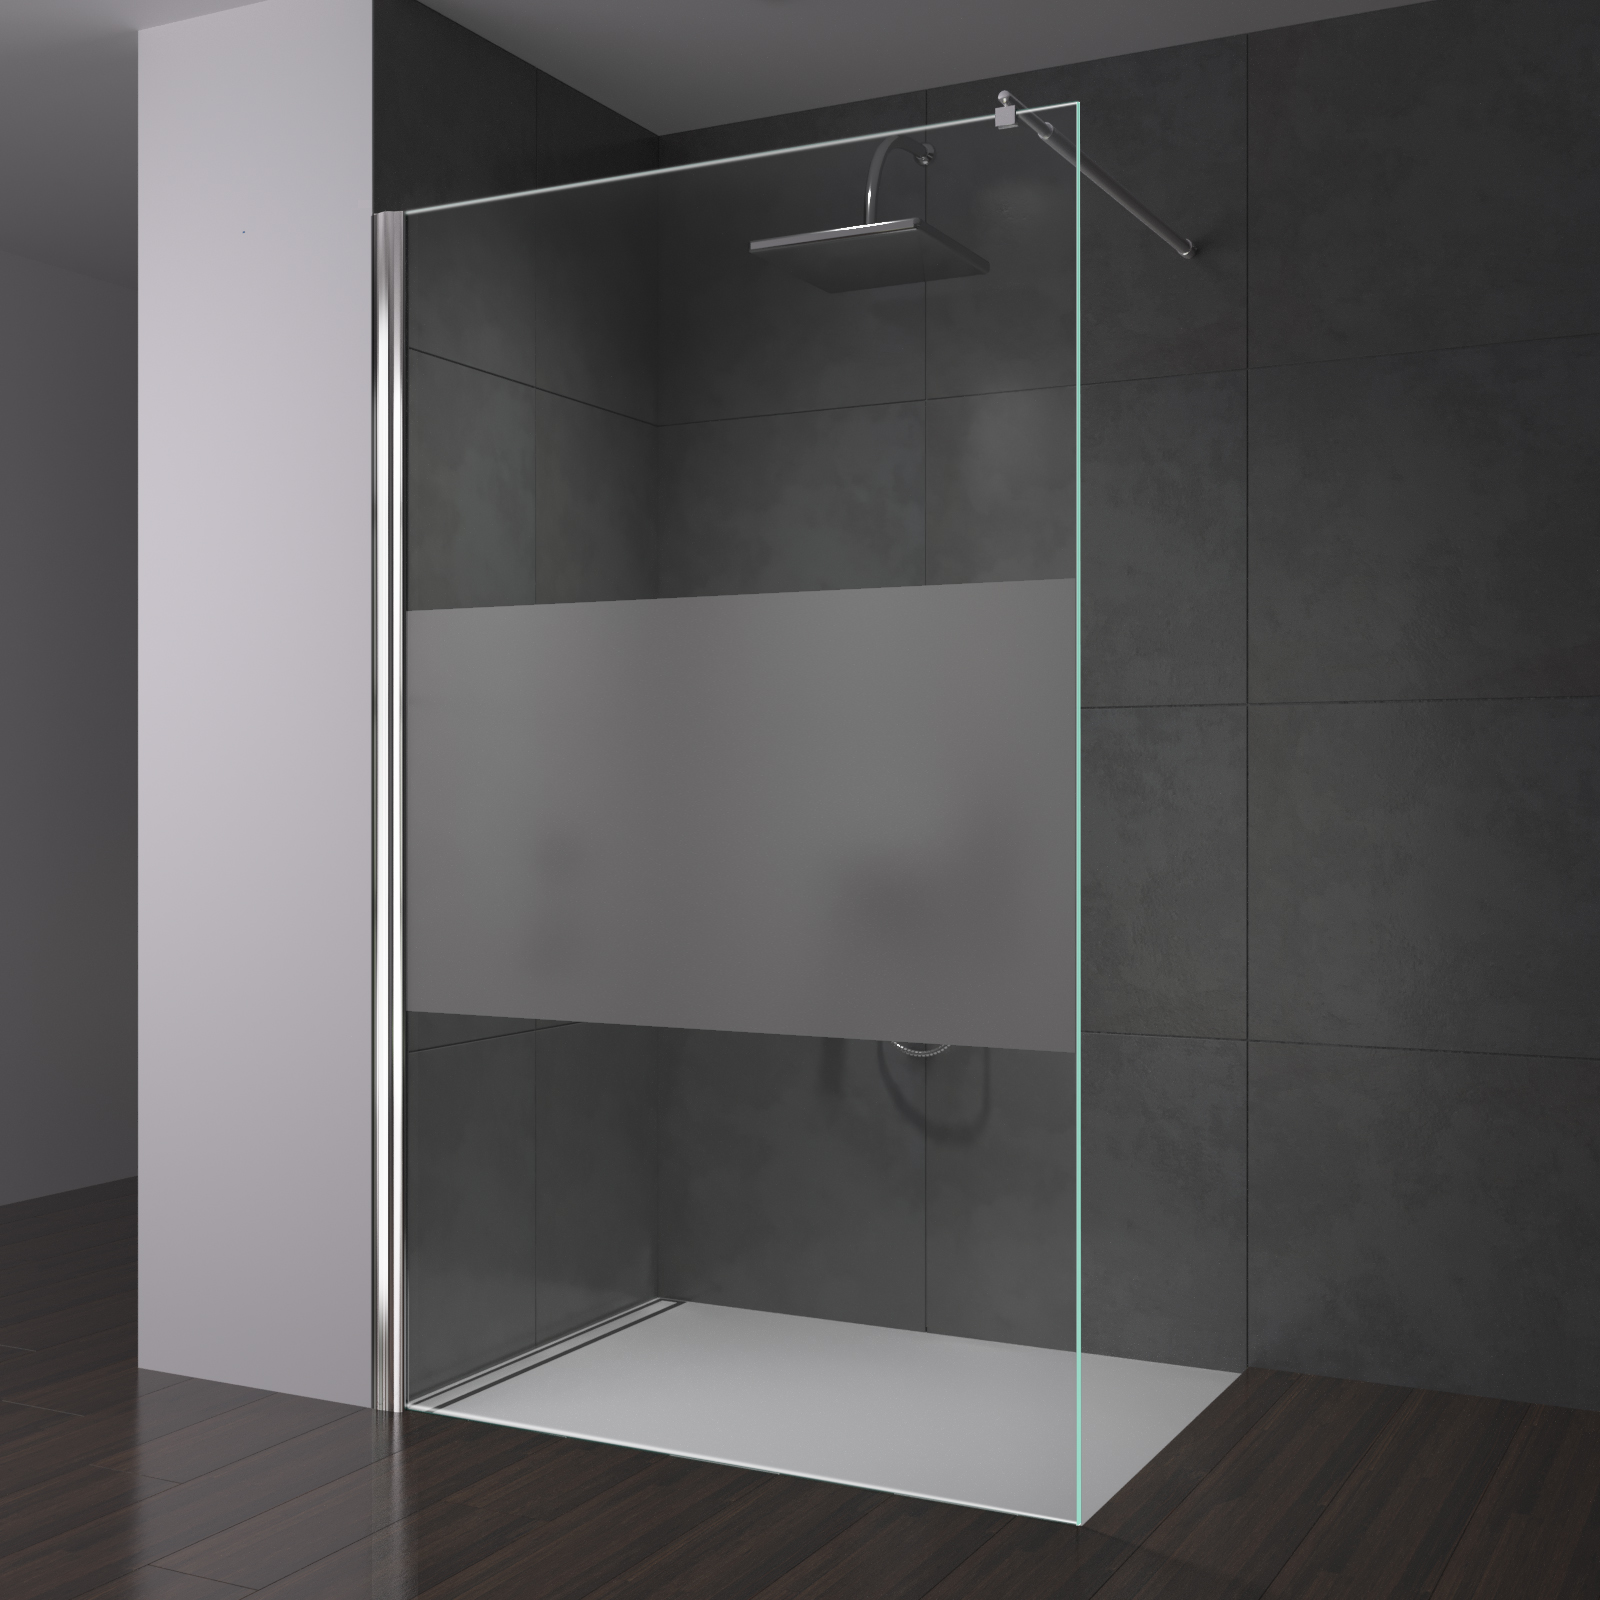 Full Size of Glaswand Dusche Duschwand Glas Trennwand Duschabtrennung Fr Begehbare 80x80 Moderne Duschen Bodengleiche Einbauen Schulte Werksverkauf Mischbatterie Sprinz Dusche Glaswand Dusche